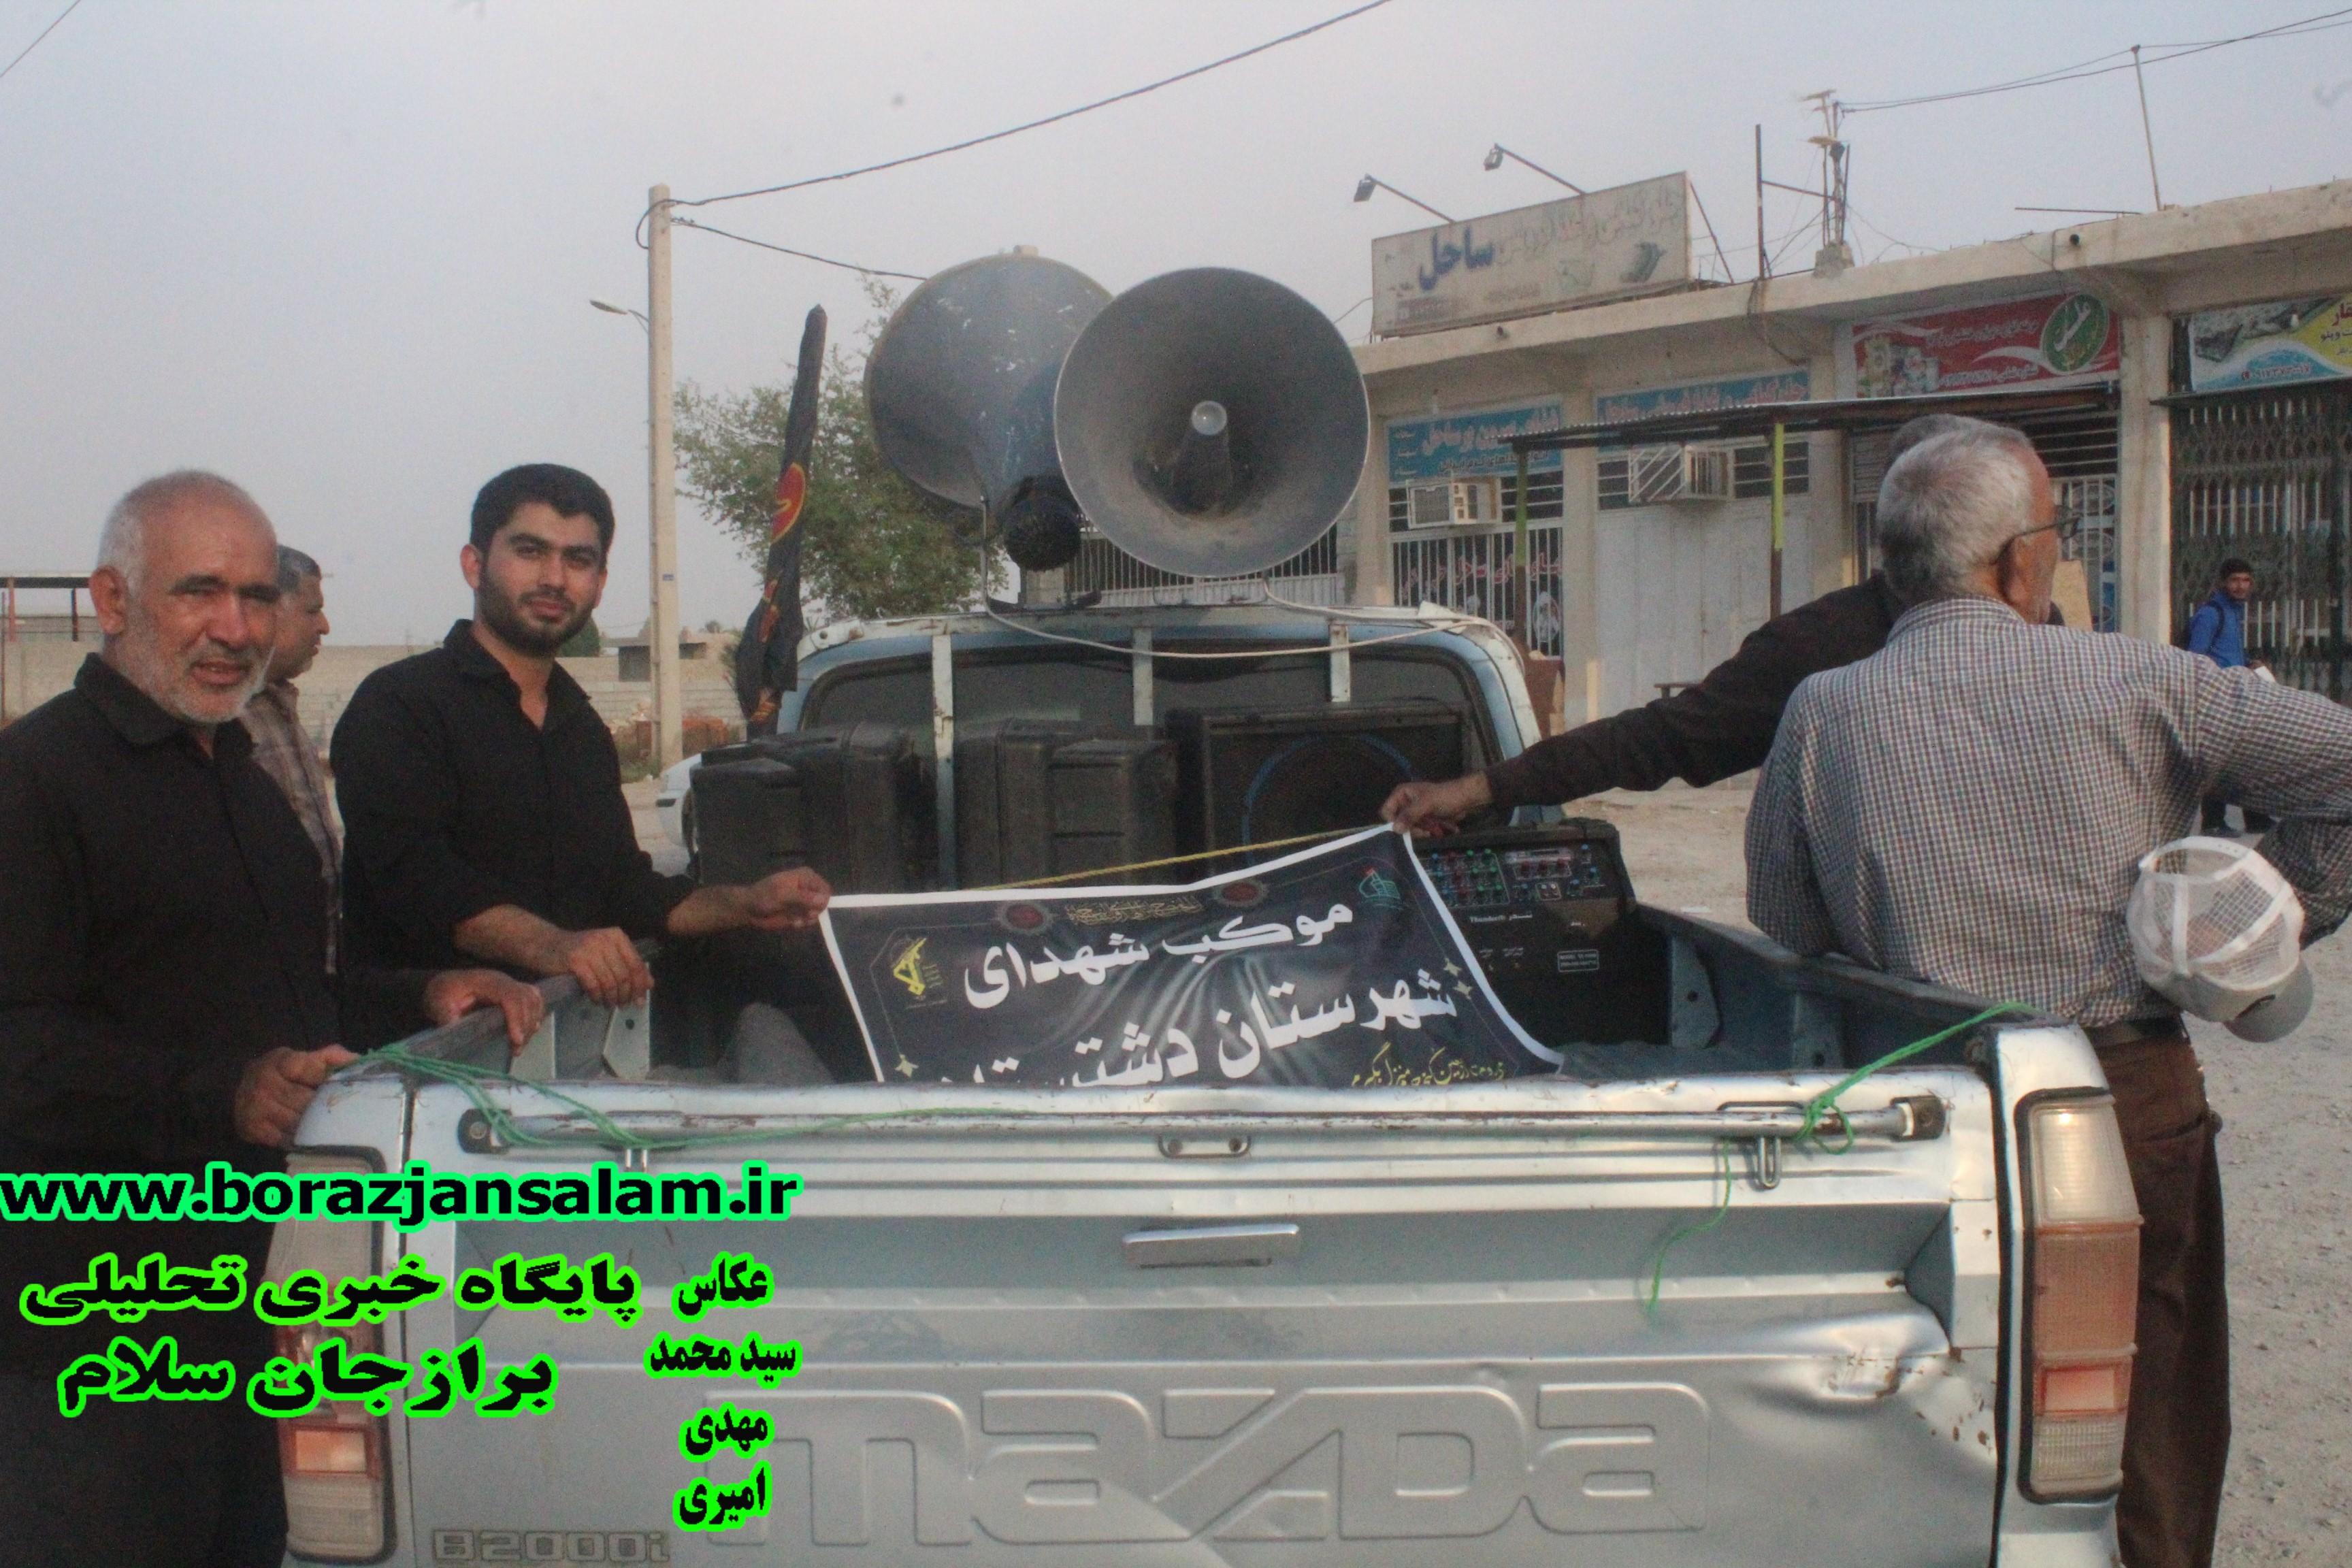 موکب شهدای دشتستان از روستای خوشاب به سمت مرز شلمچه حرکت خود را آغاز نمود .